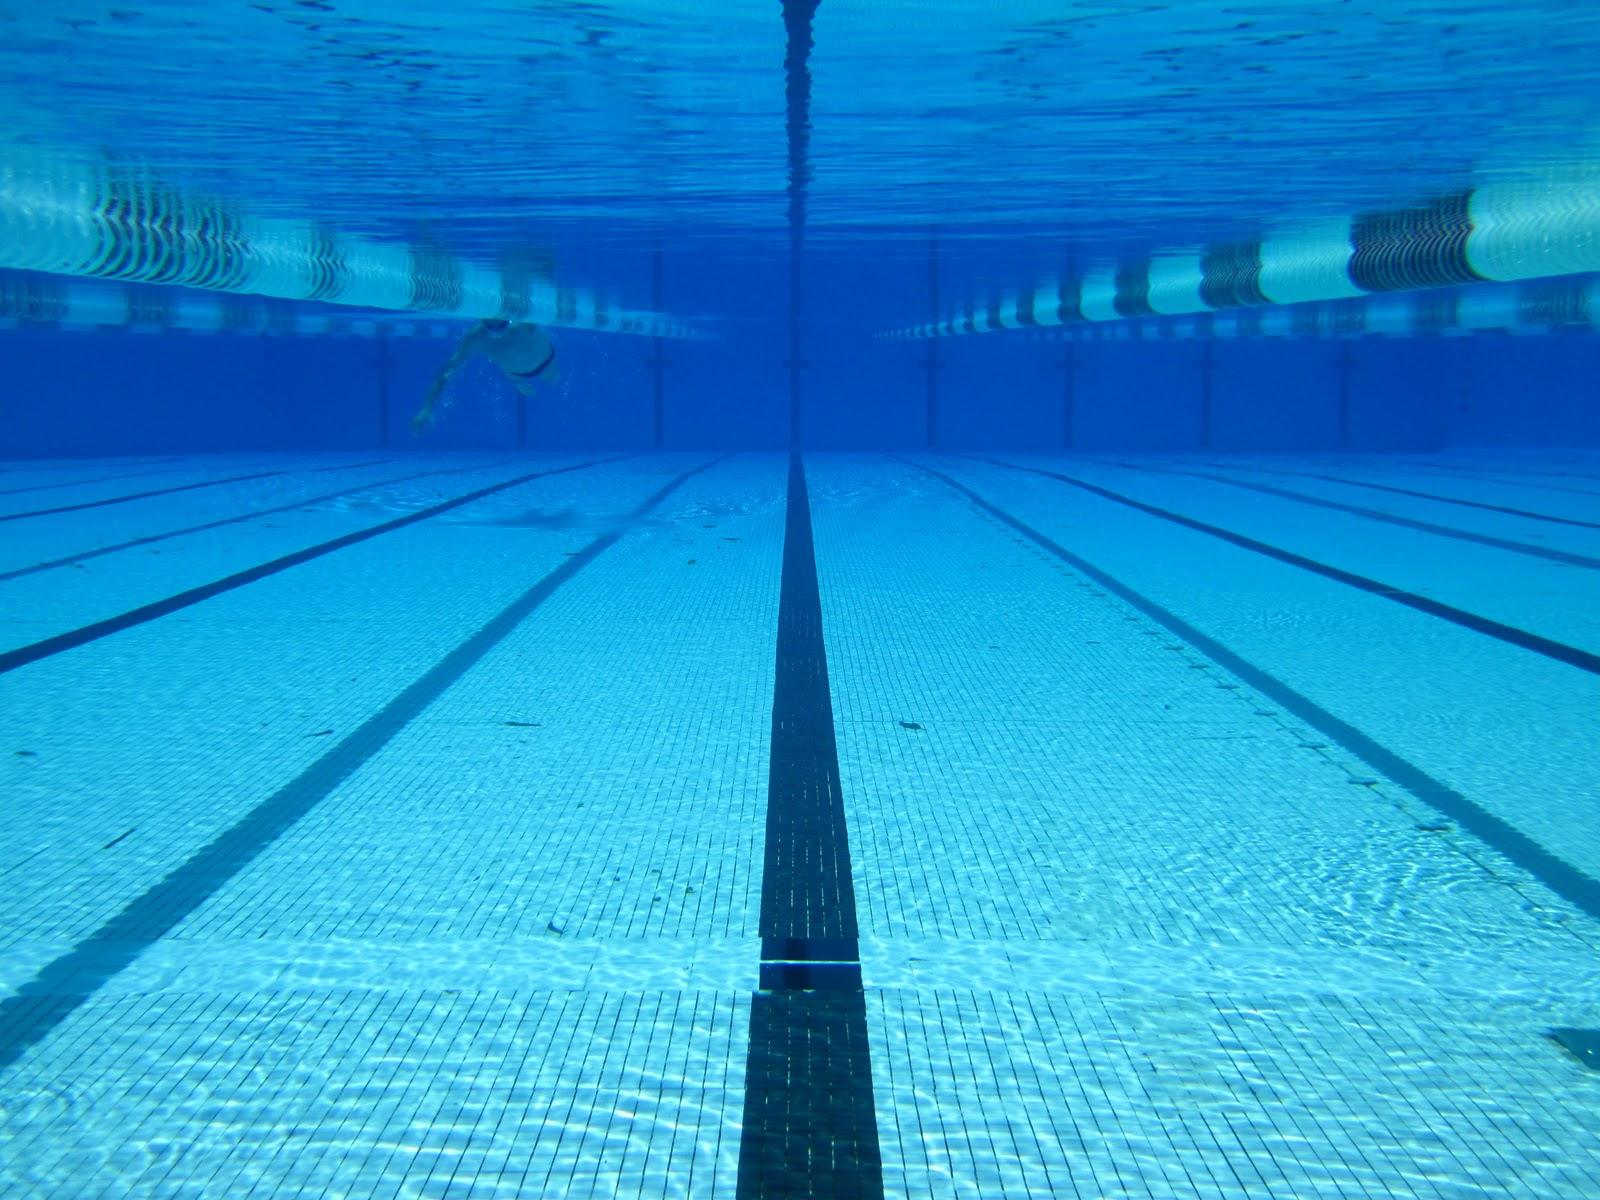 bexley pool dec 2010 jan 2011